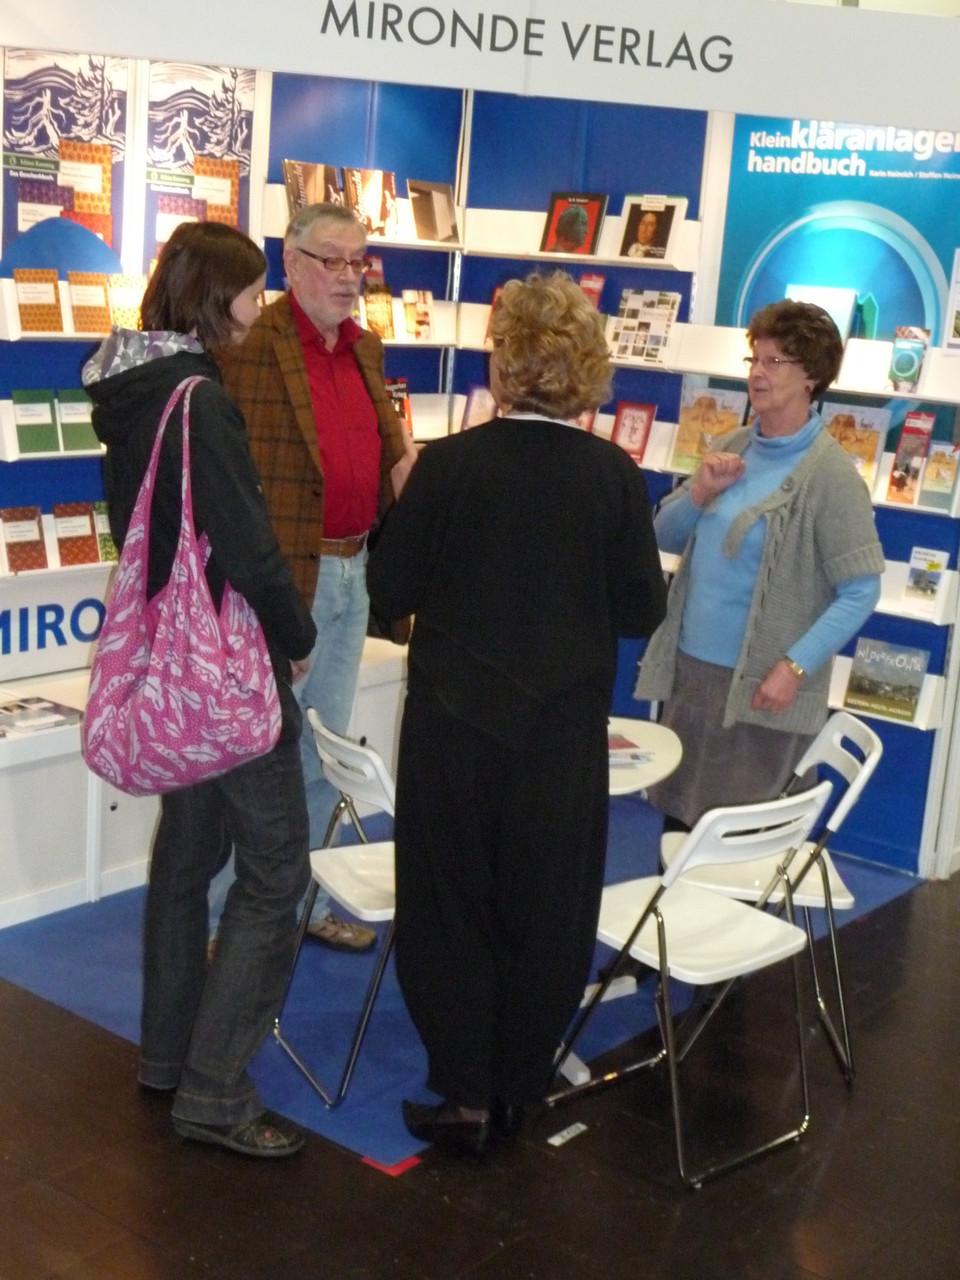 Leipziger Buchmesse, Mironde Verlag